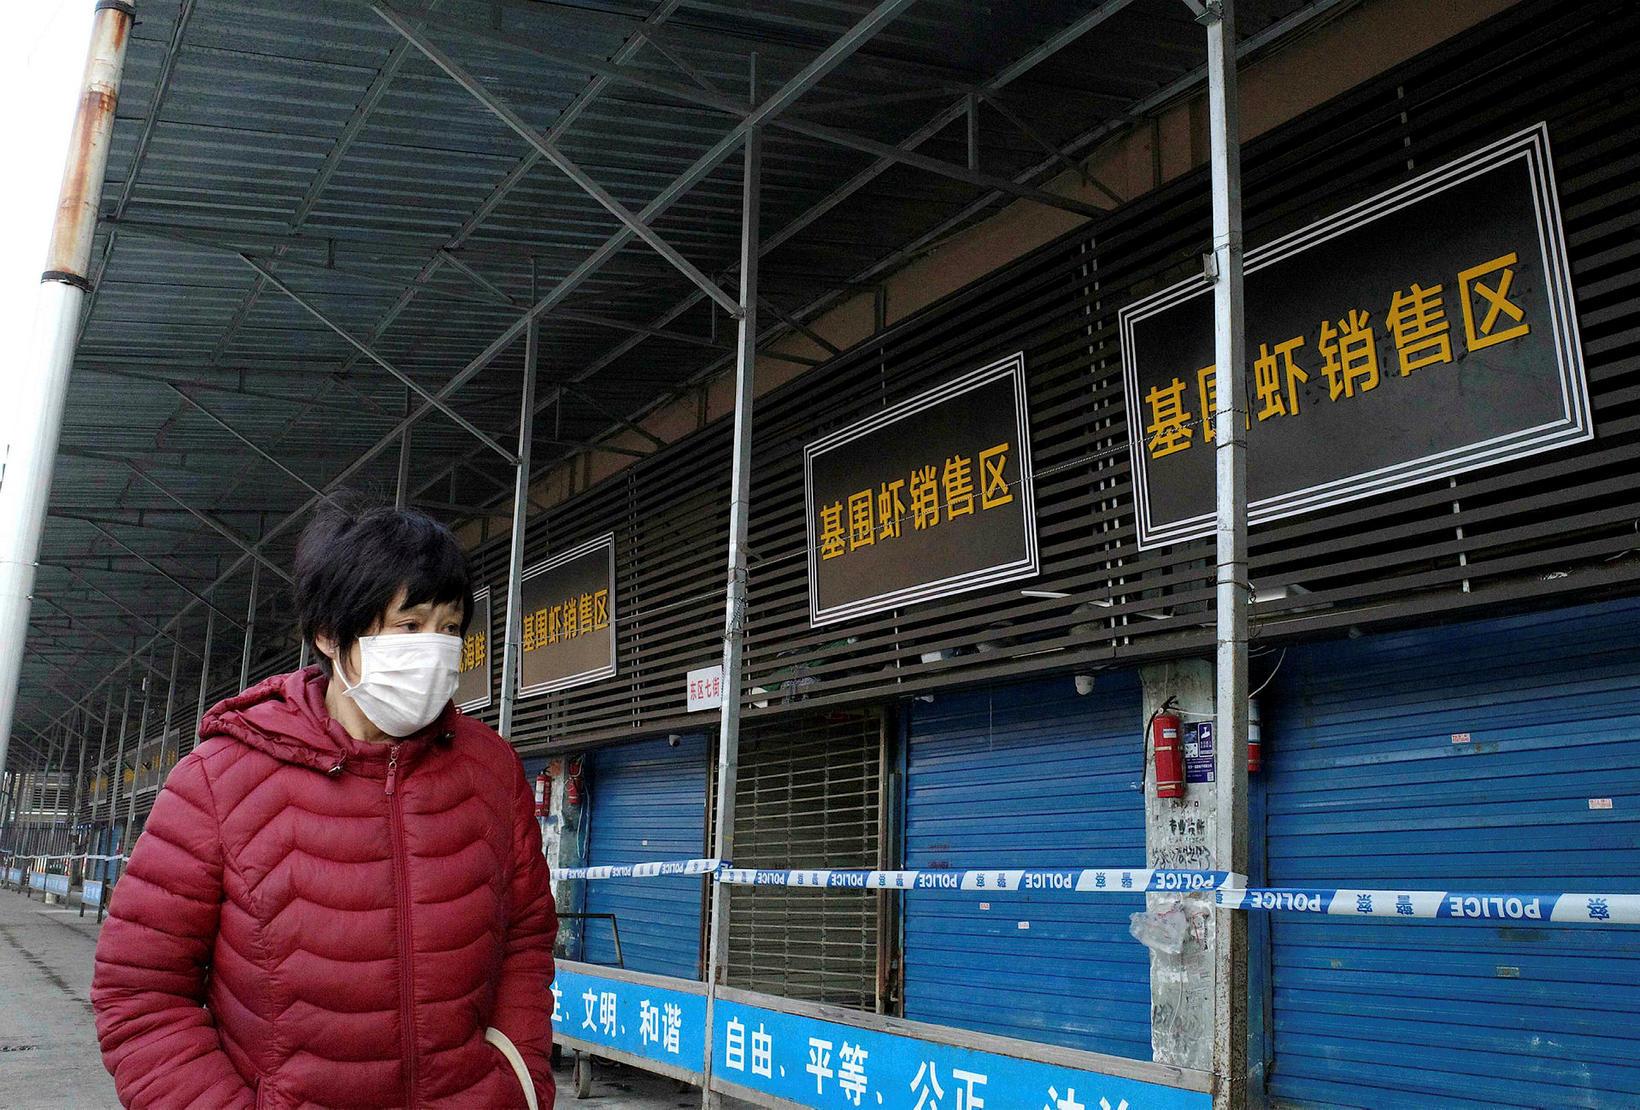 Upptök sjúkdómsins hafa verið talin á sjávarréttamarkaði í borginni Wuhan …